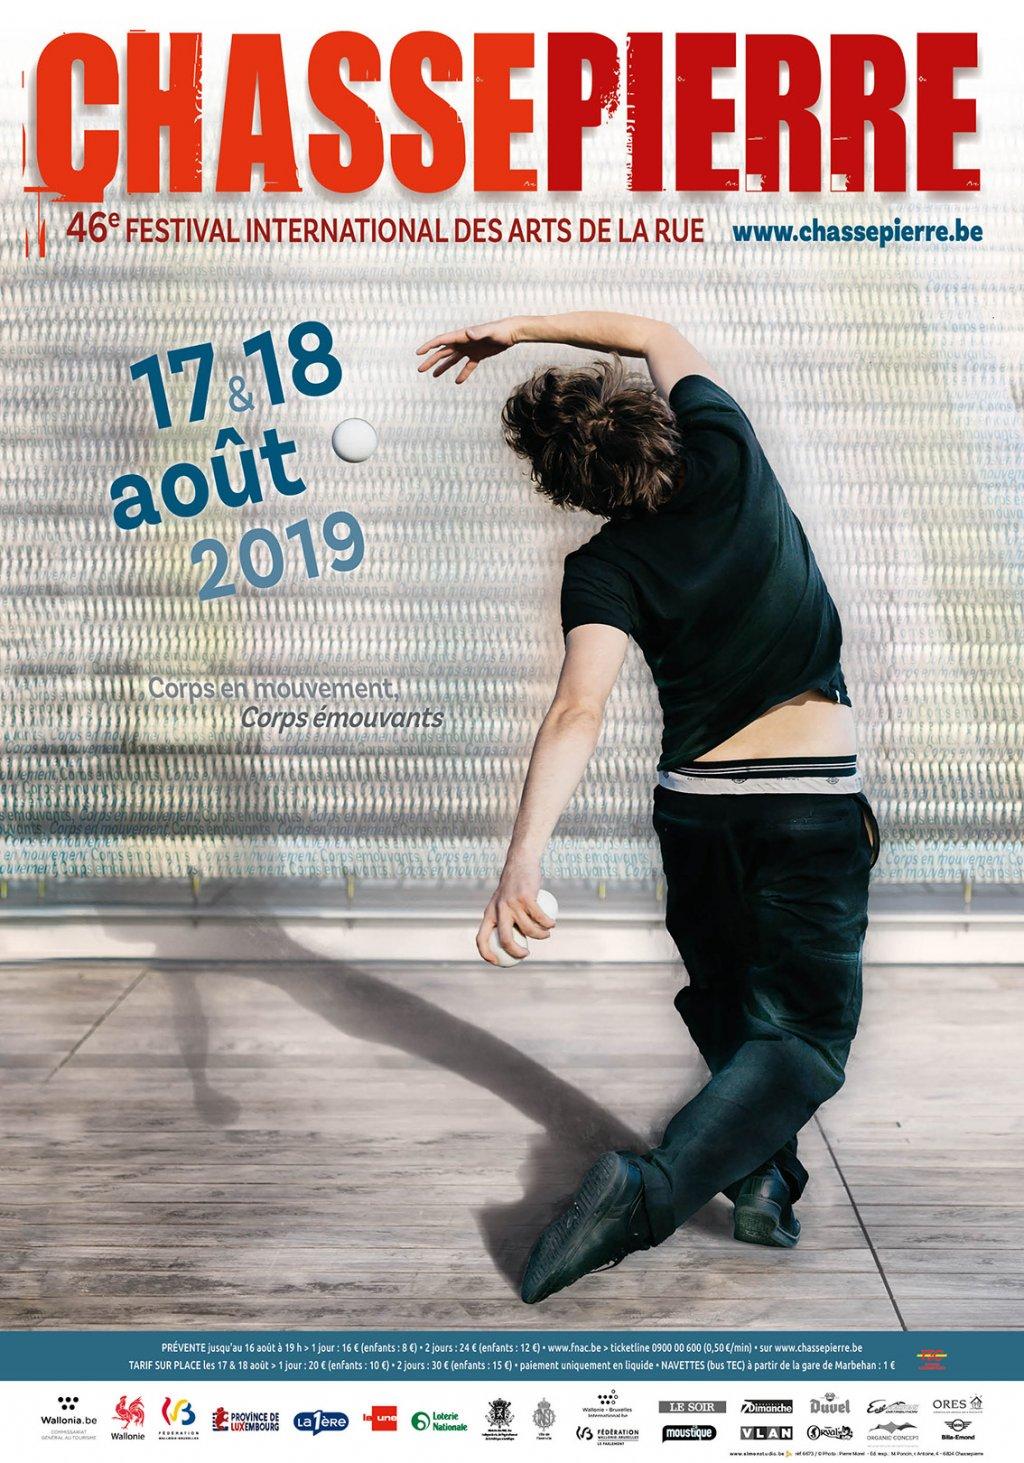 Le Festival de Chassepierre certifié accessible!